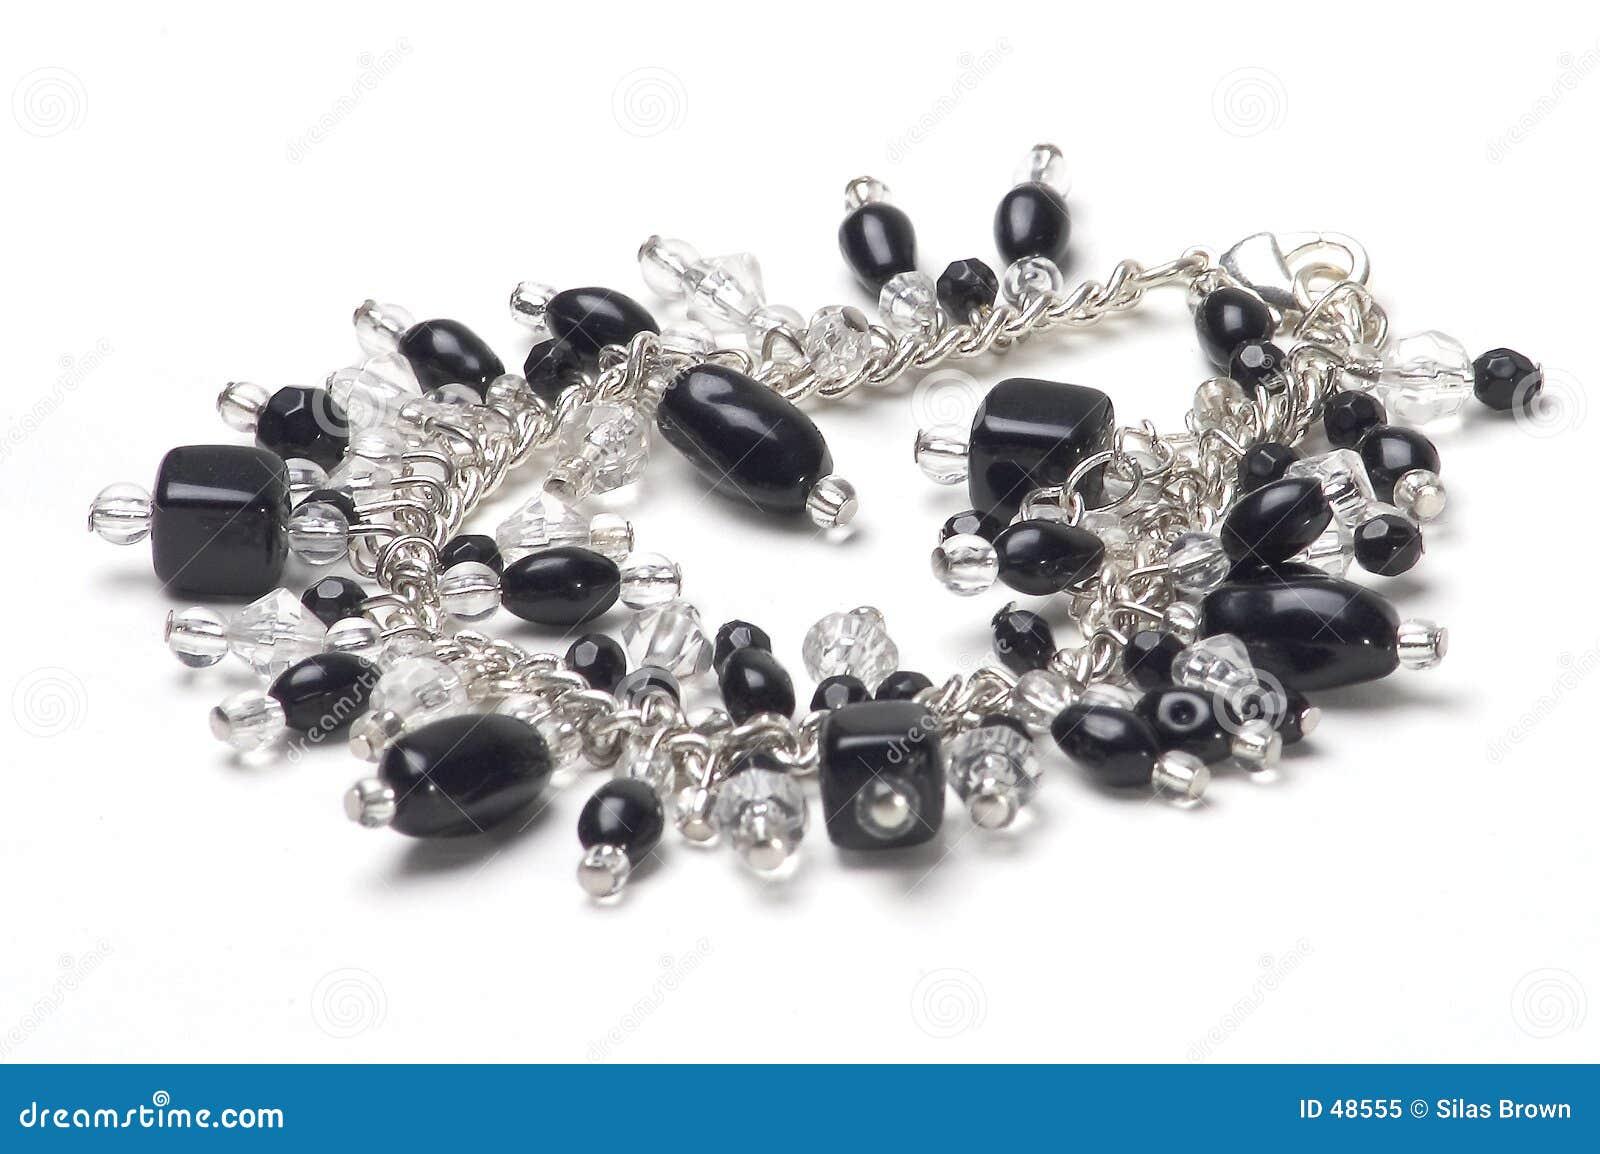 黑色镯子石头